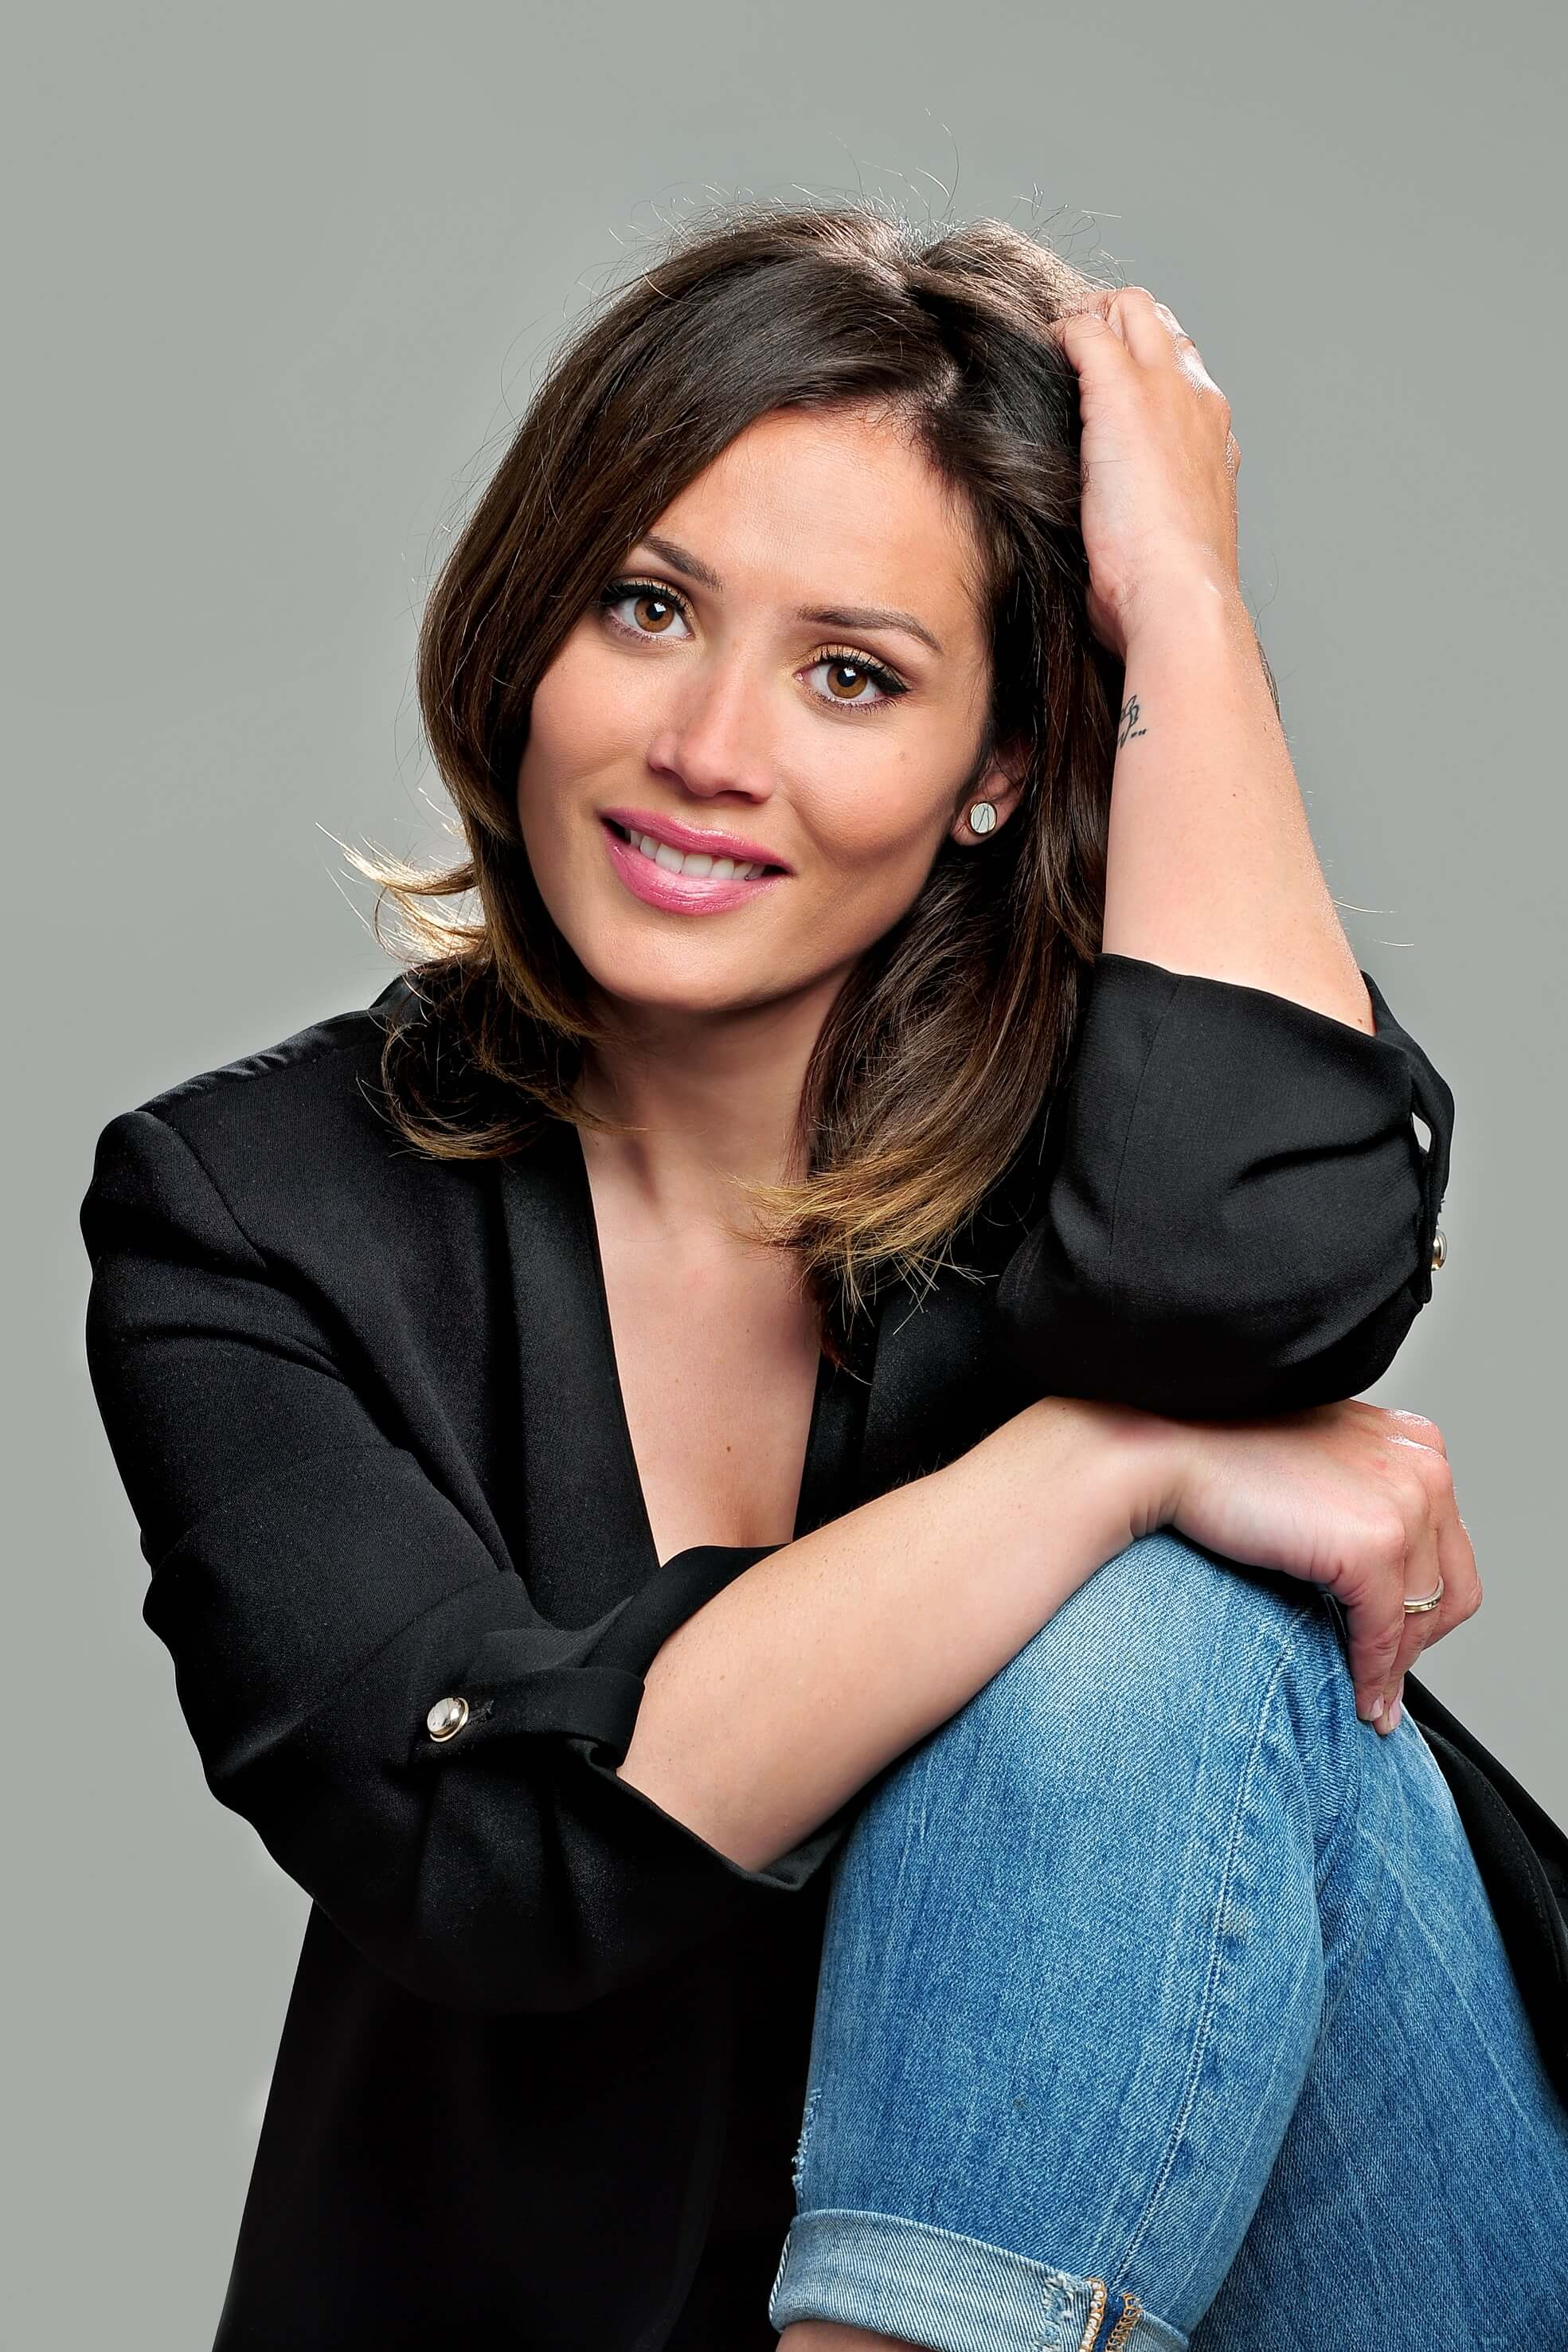 marina estacio comunicadora y actriz española